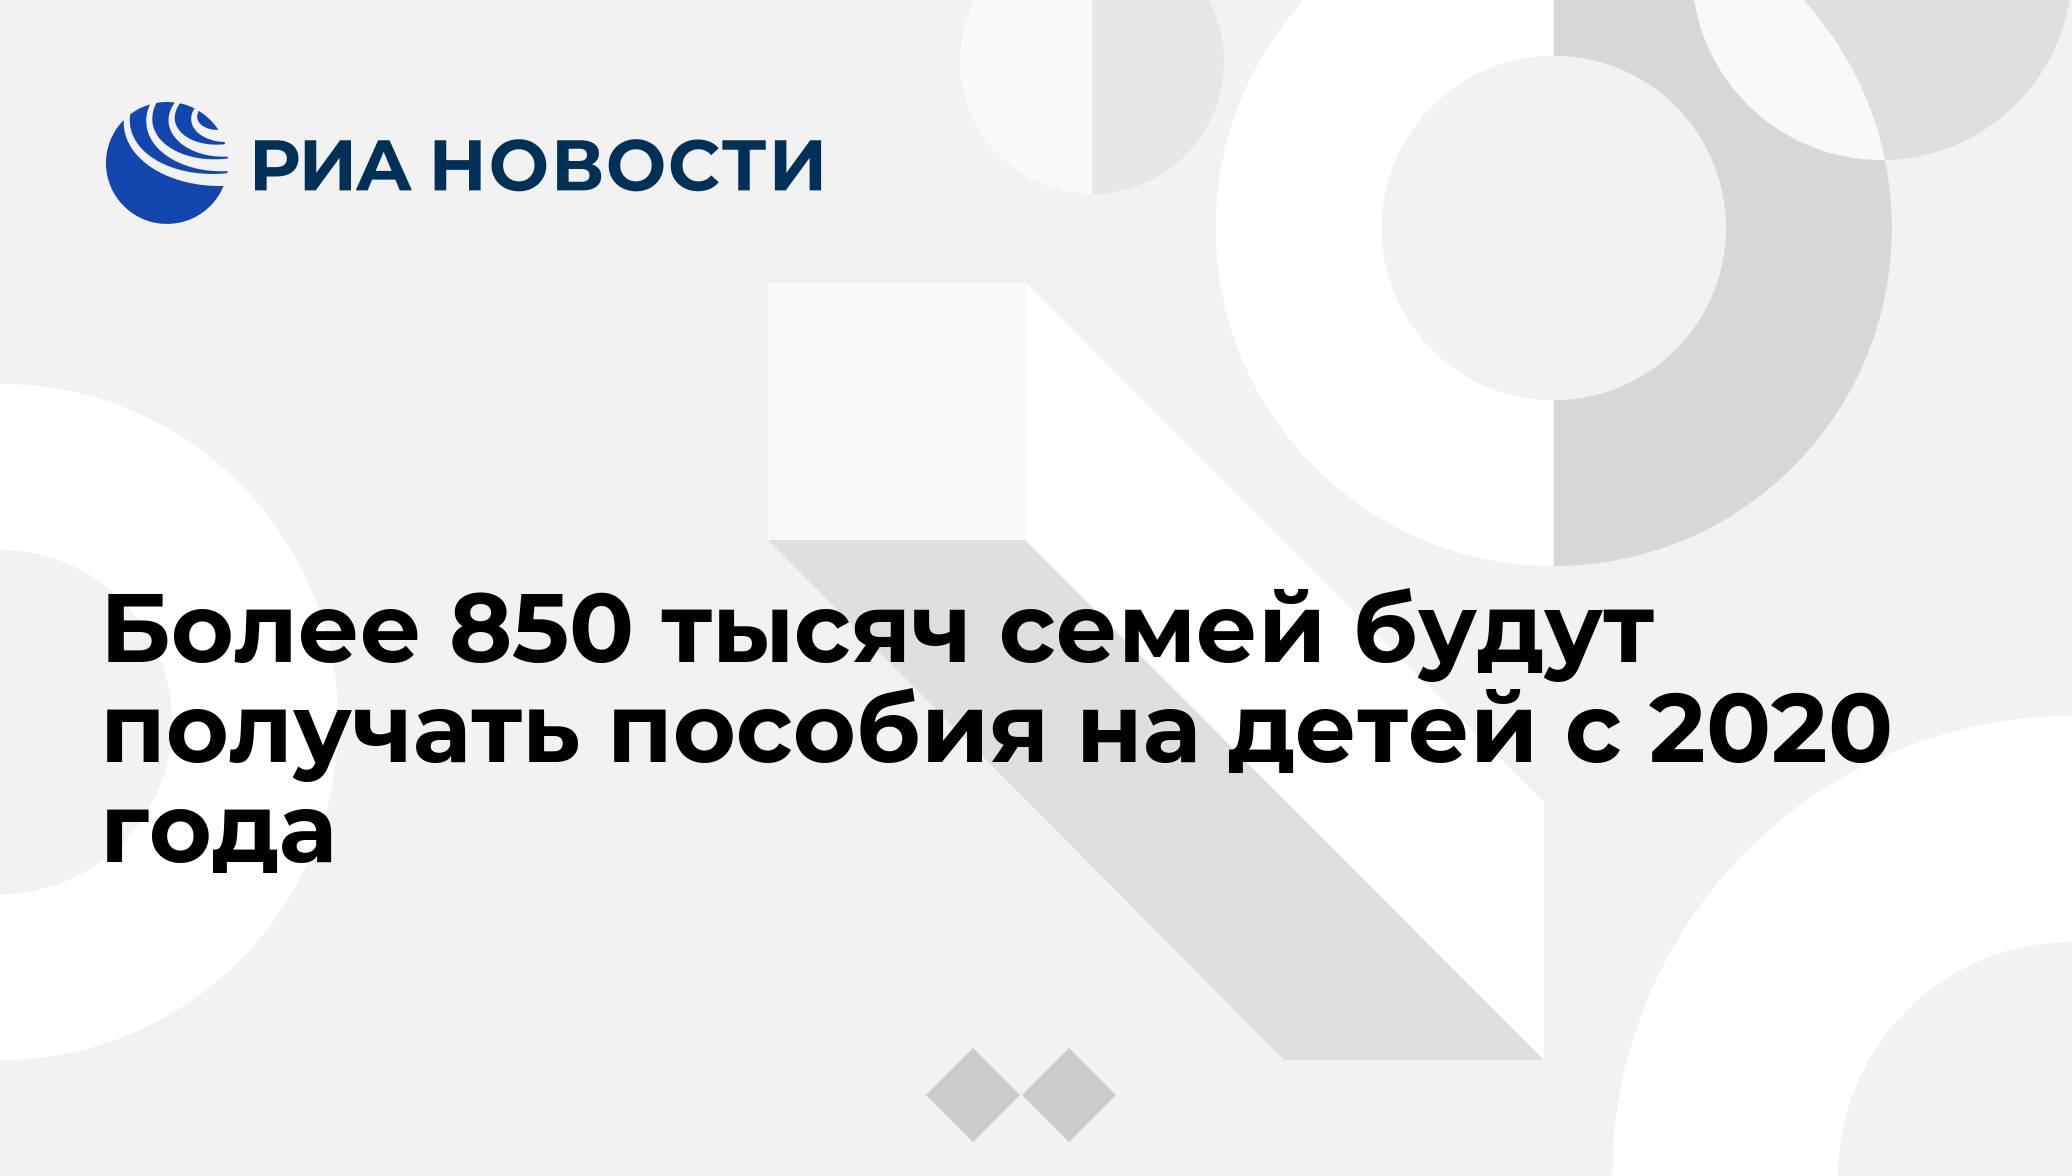 как перевести деньги с мтс на билайн с телефона на телефон бесплатно россия